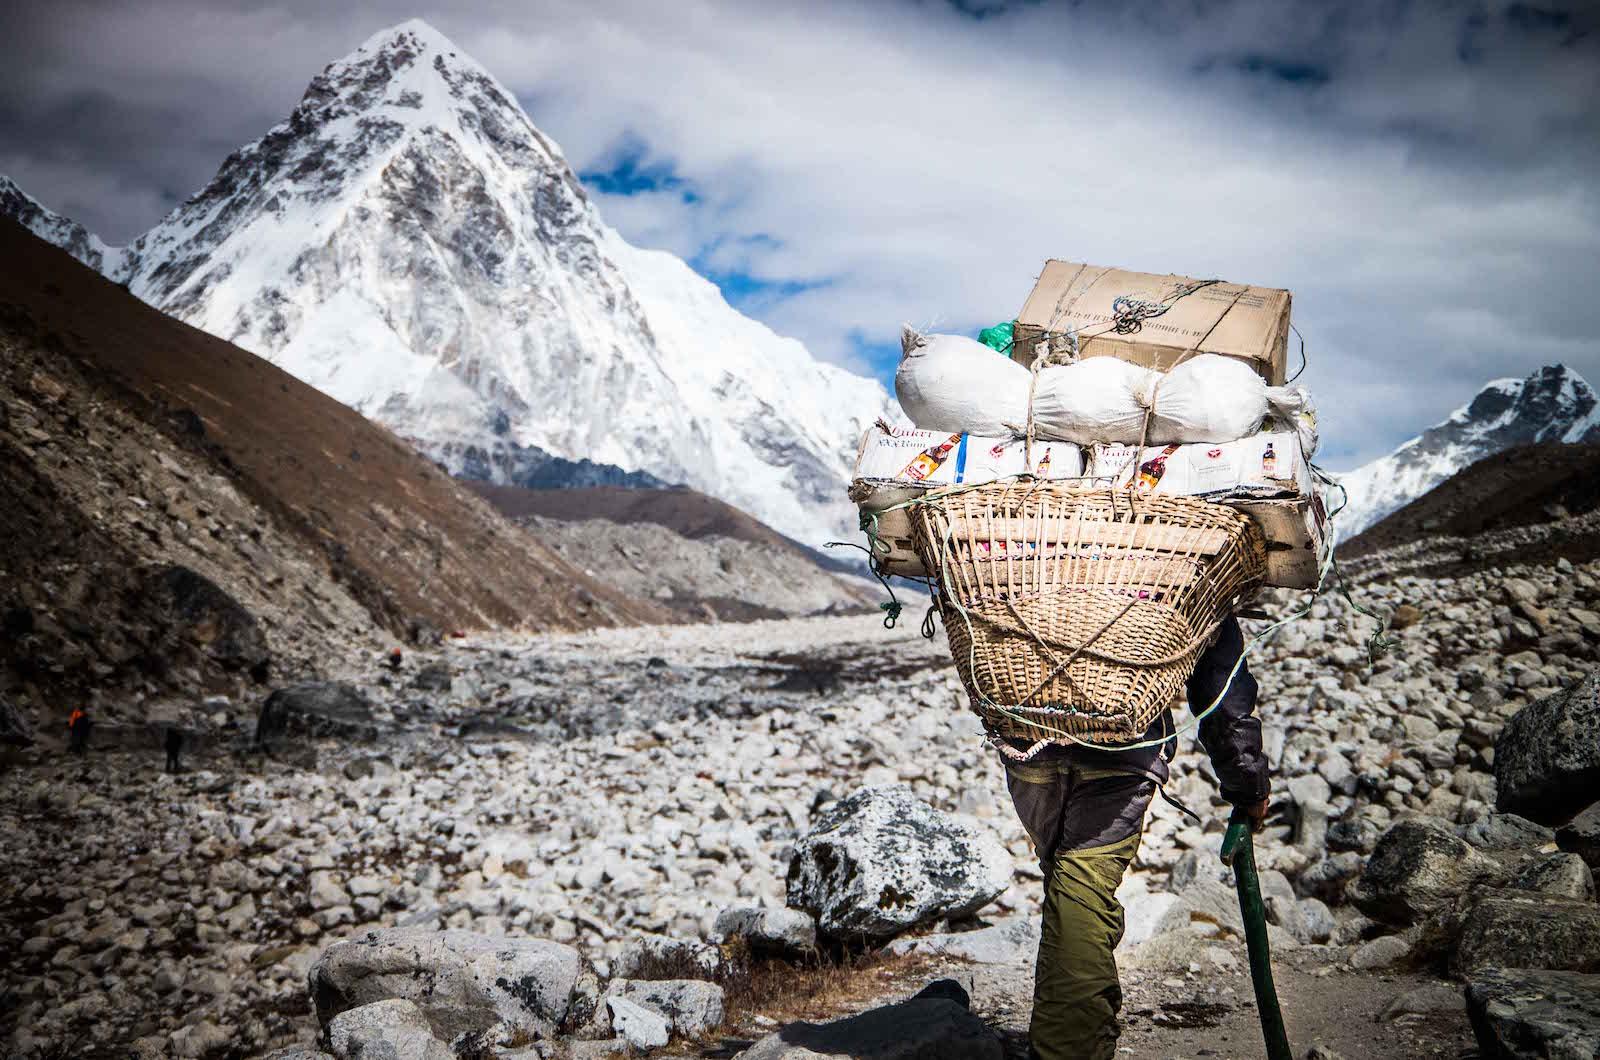 Island Peak & Everest Basecamp